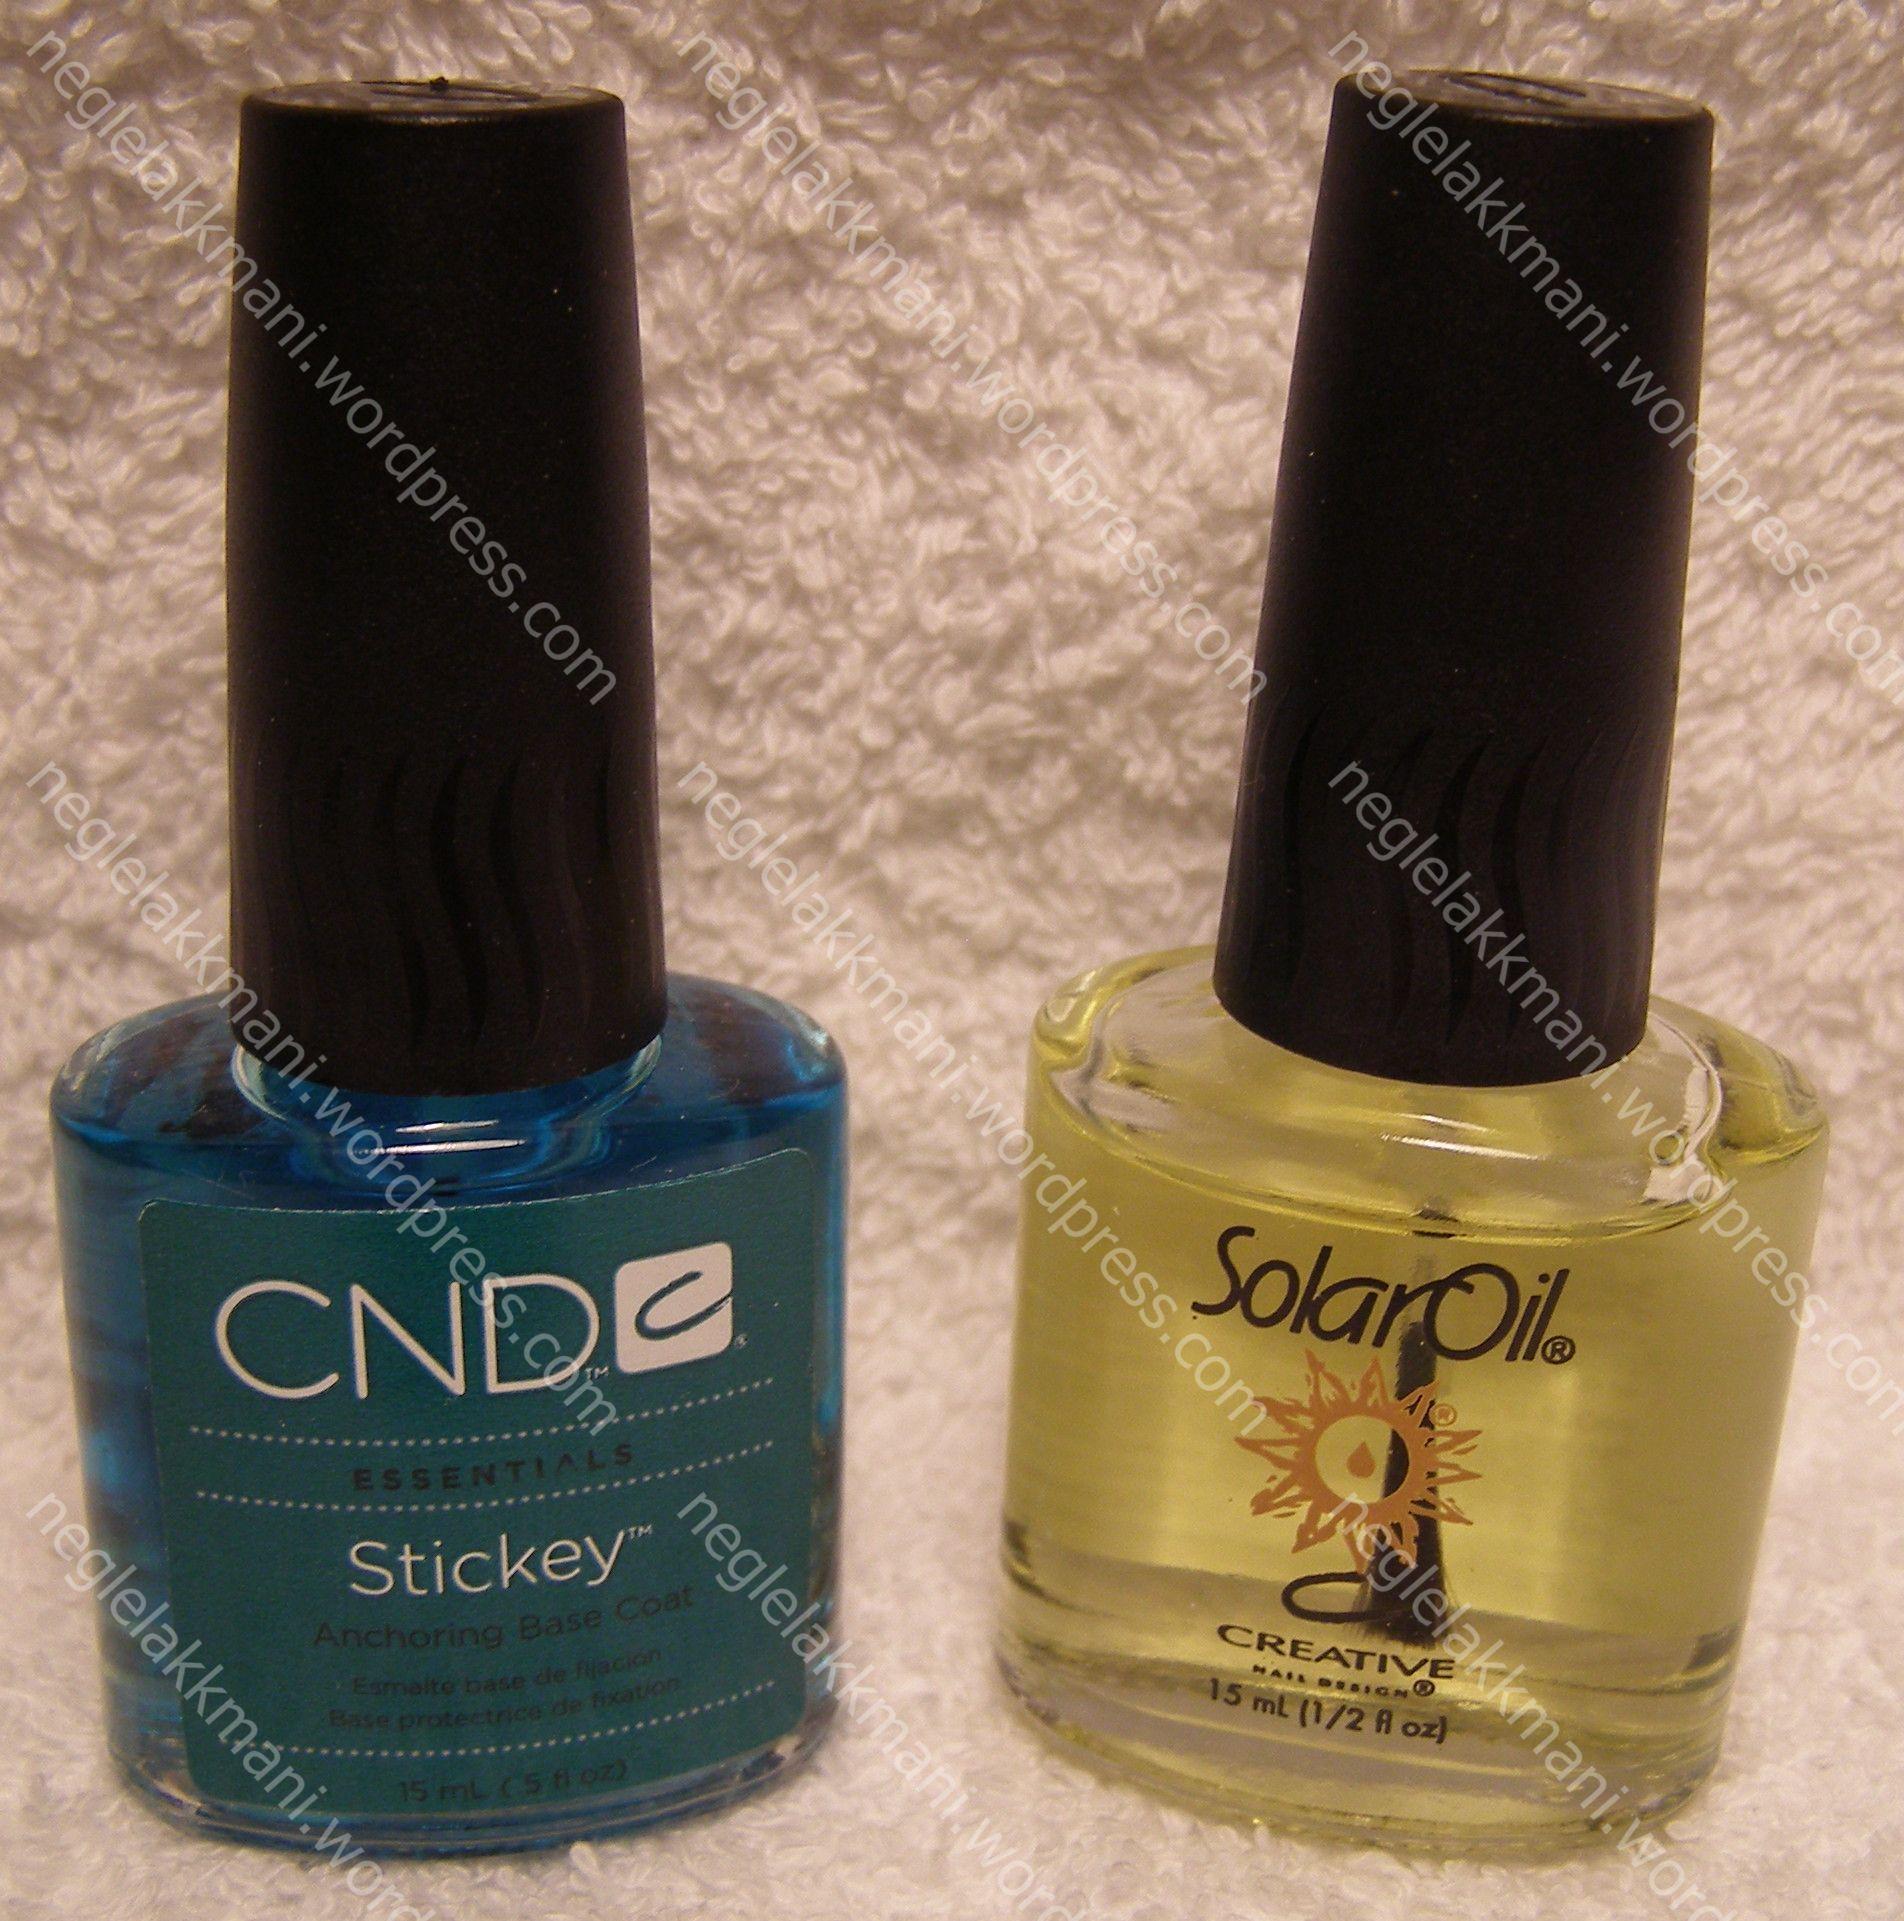 CND Stickey, Solar Oil